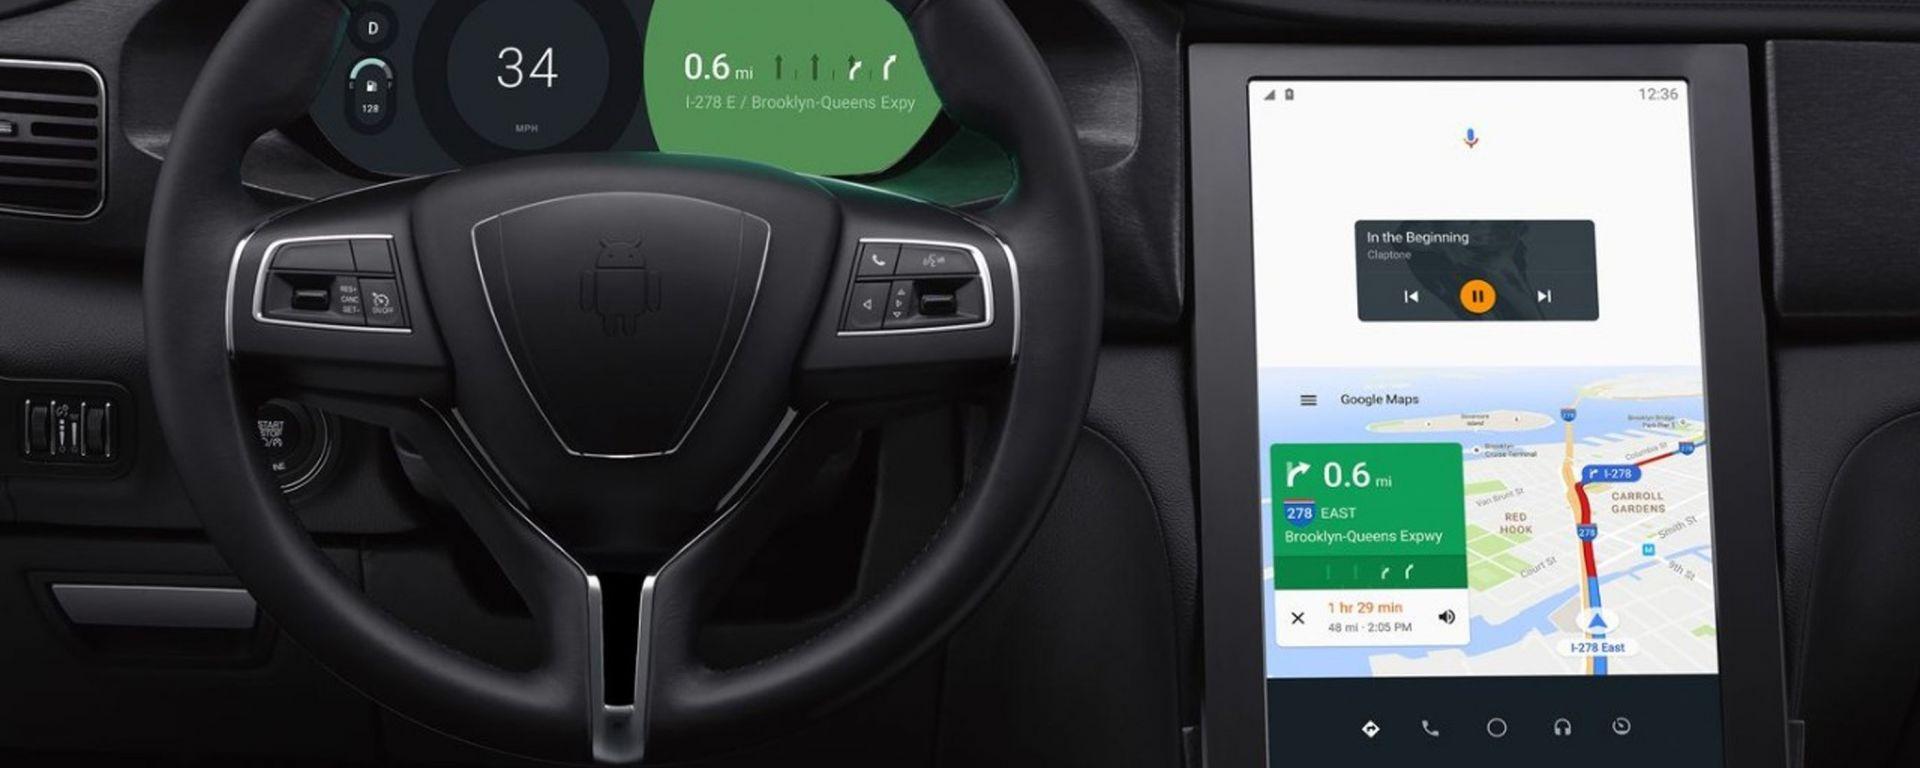 Android Auto: in futuro sarà per tutti